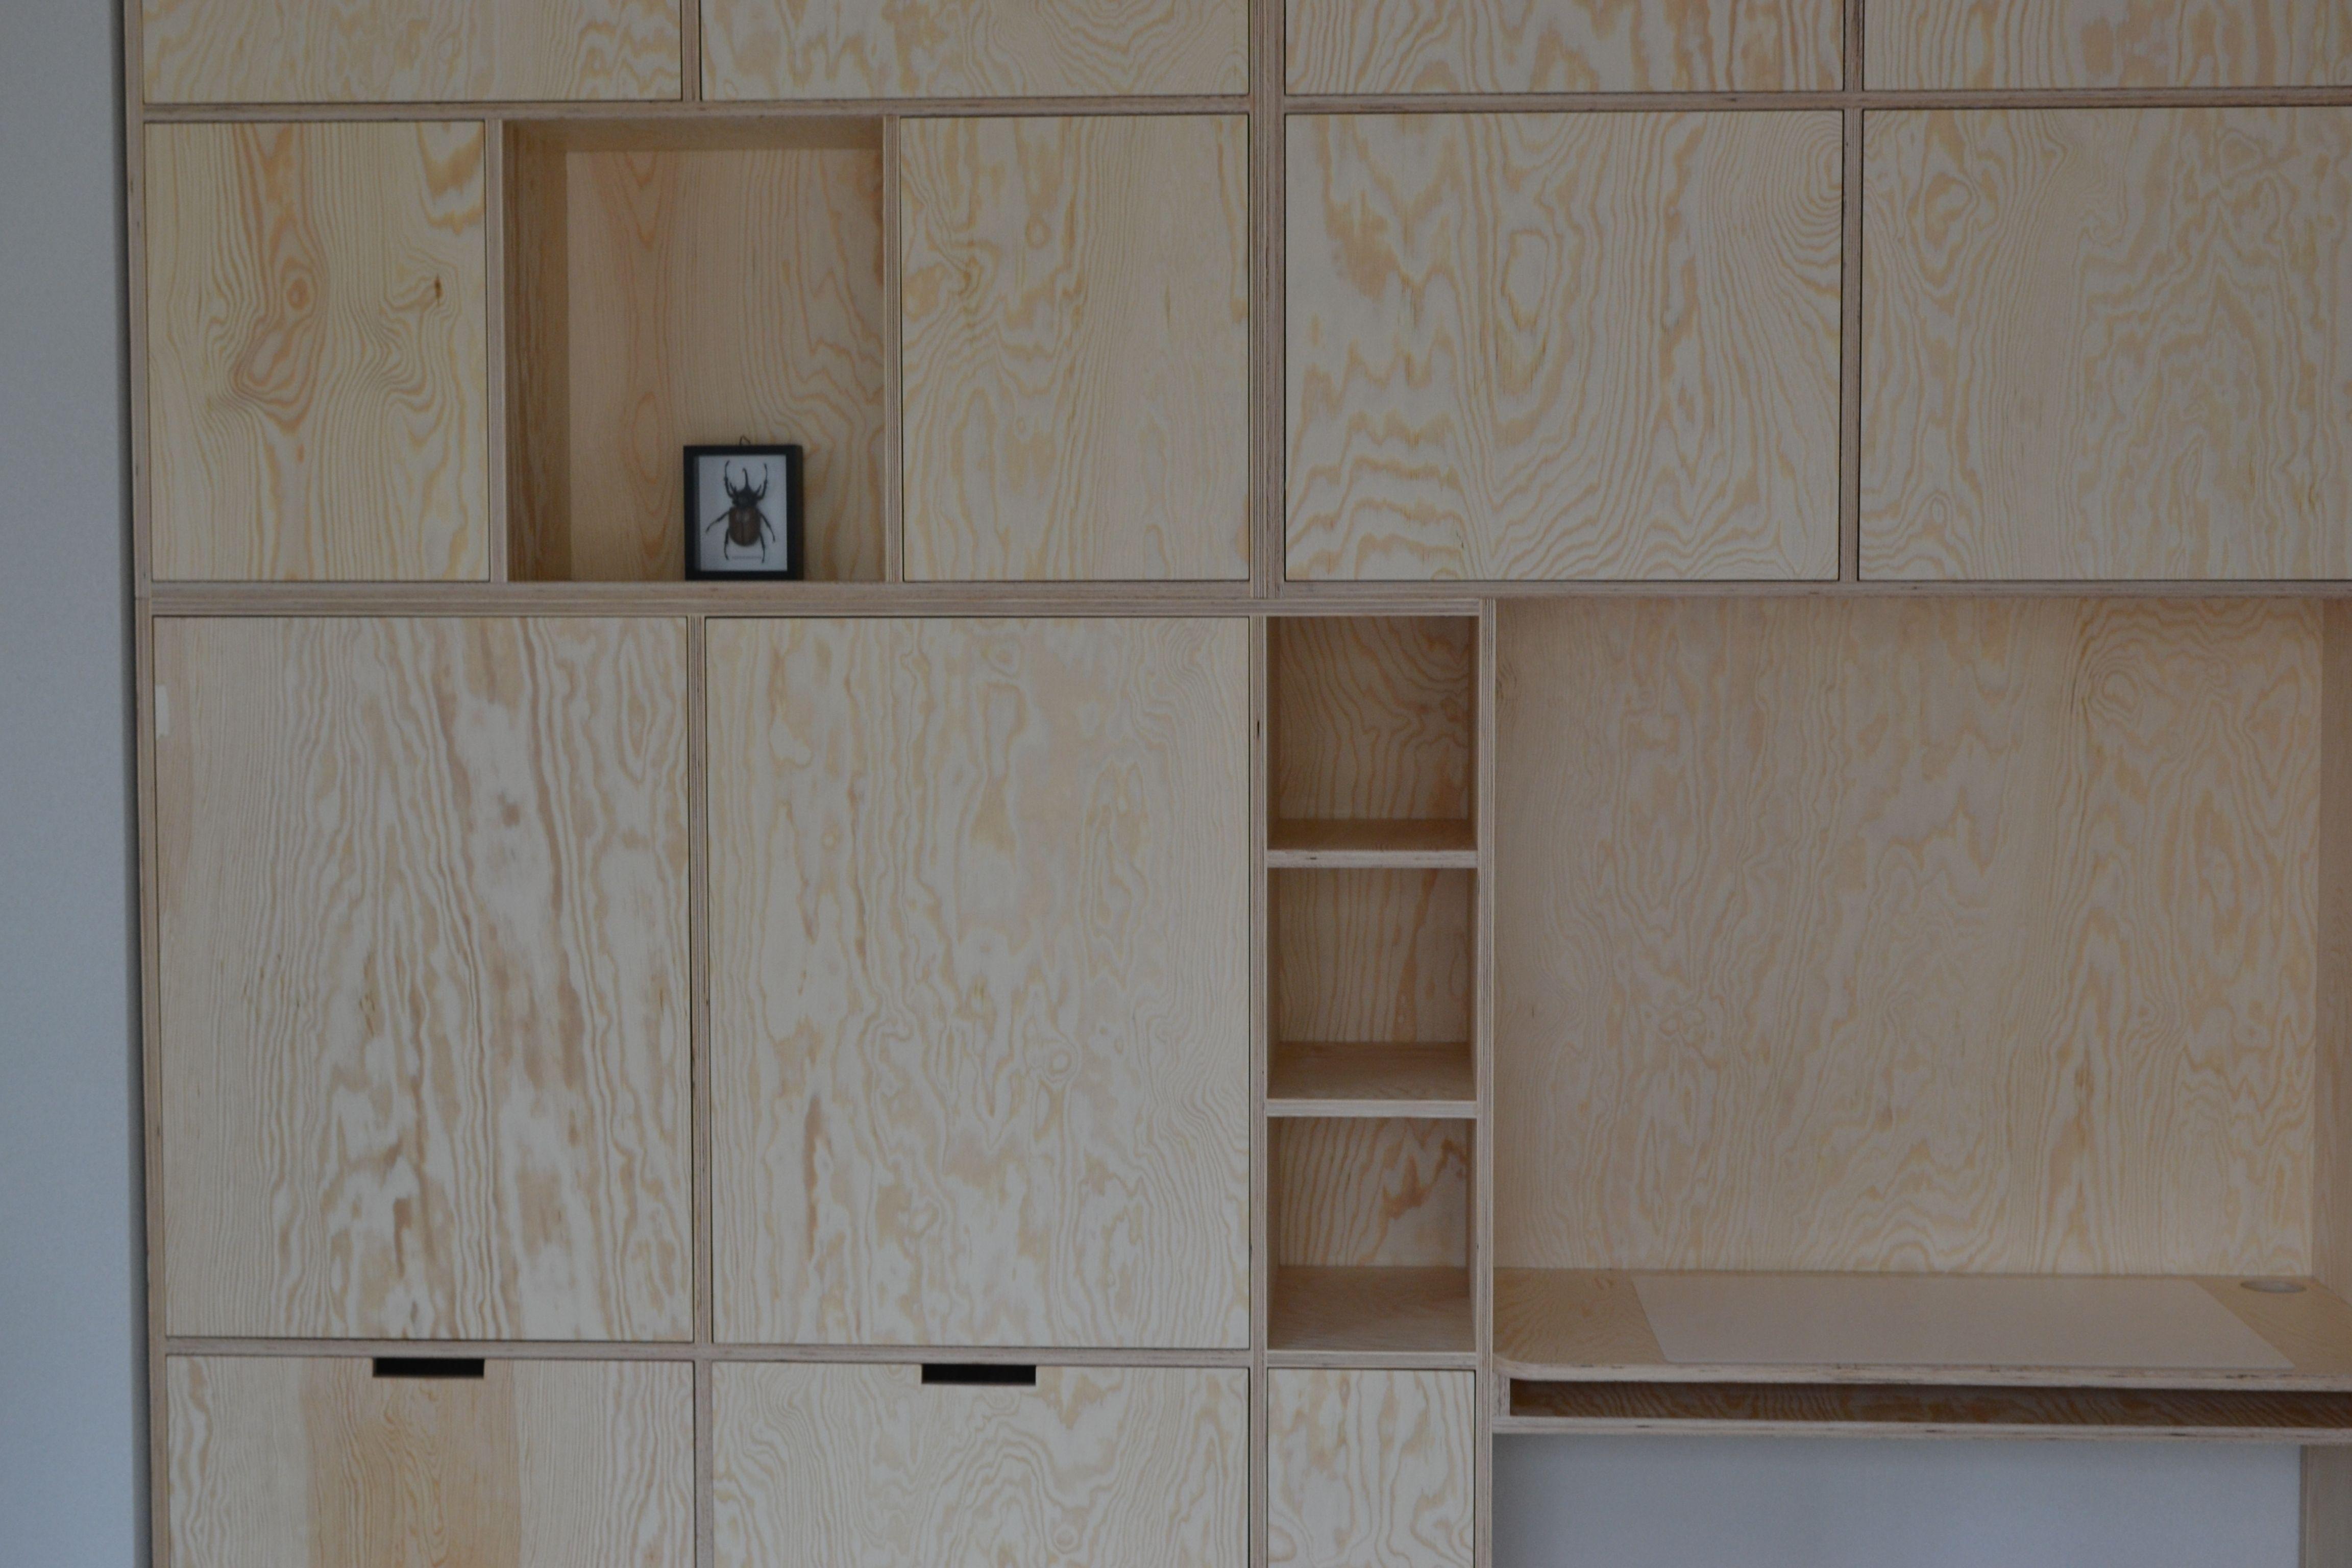 Wandkast Met Vakken Prachtige Vakkenkast Van Berken